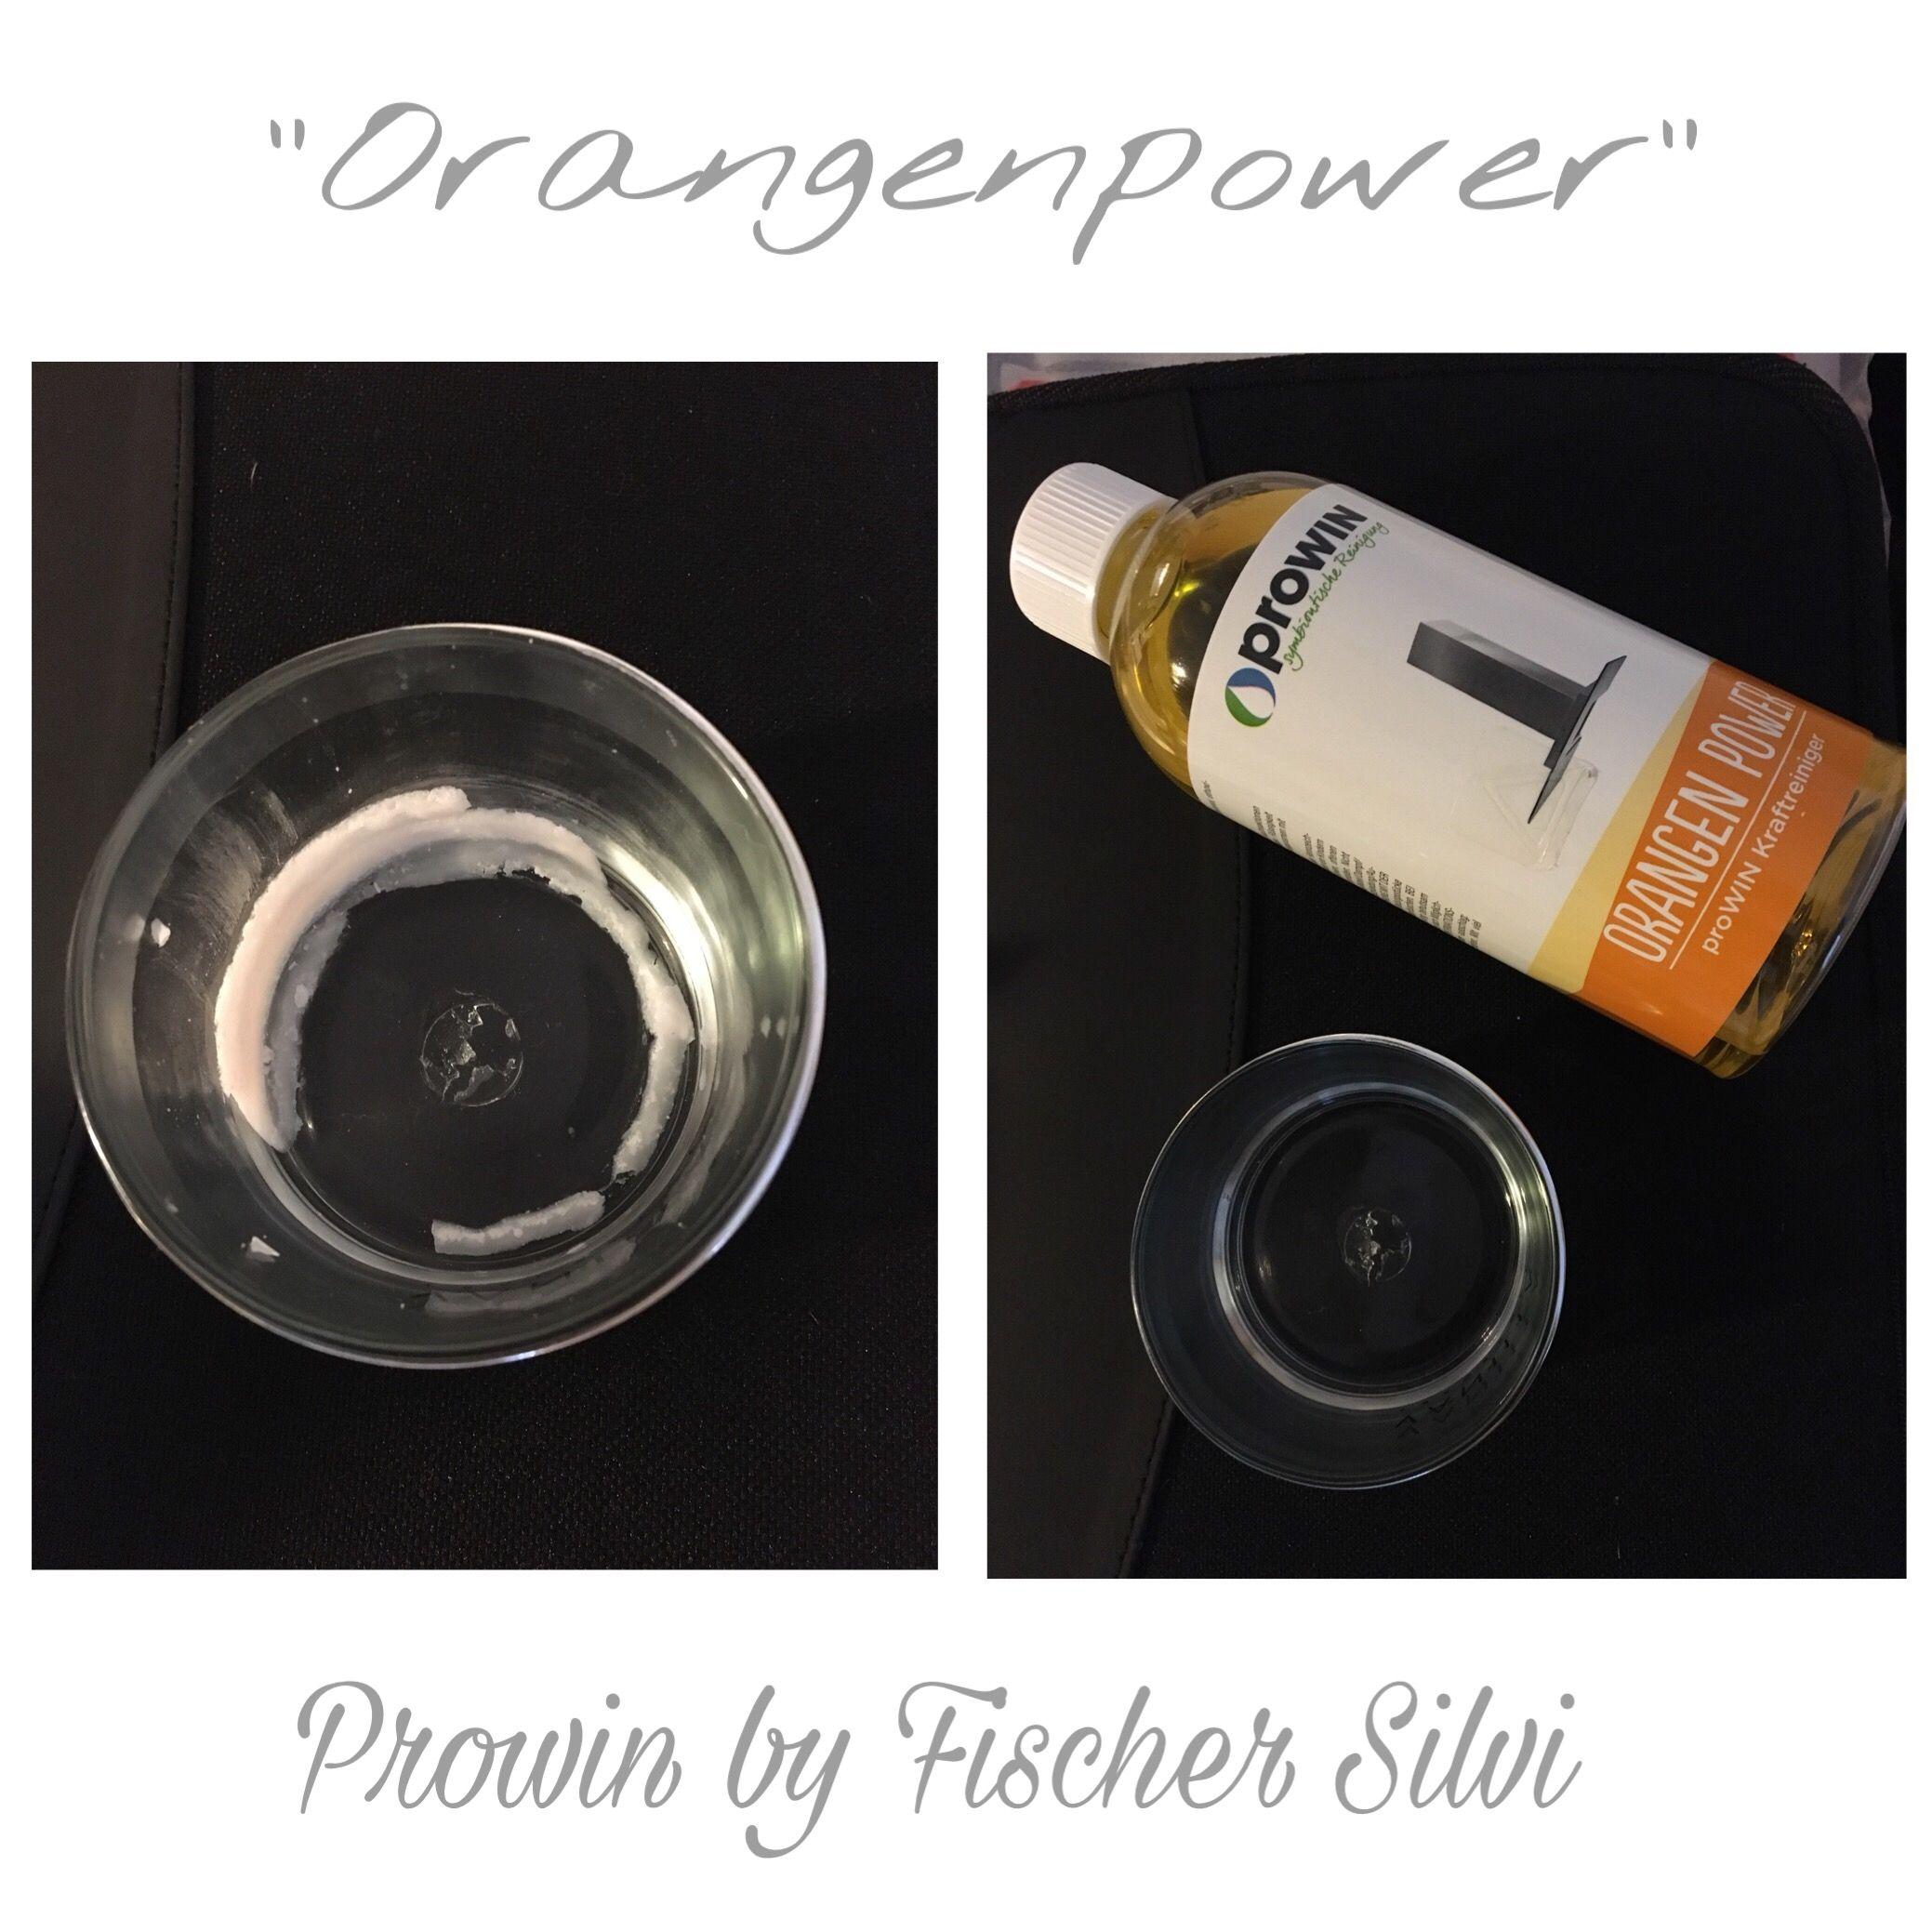 Unser Orangenpower Sollte In Keiner Kuche Fehlen Auch Als Abflussreiniger Geeignet Und Vieles Mehr Orange Power Prowin Abflussreiniger